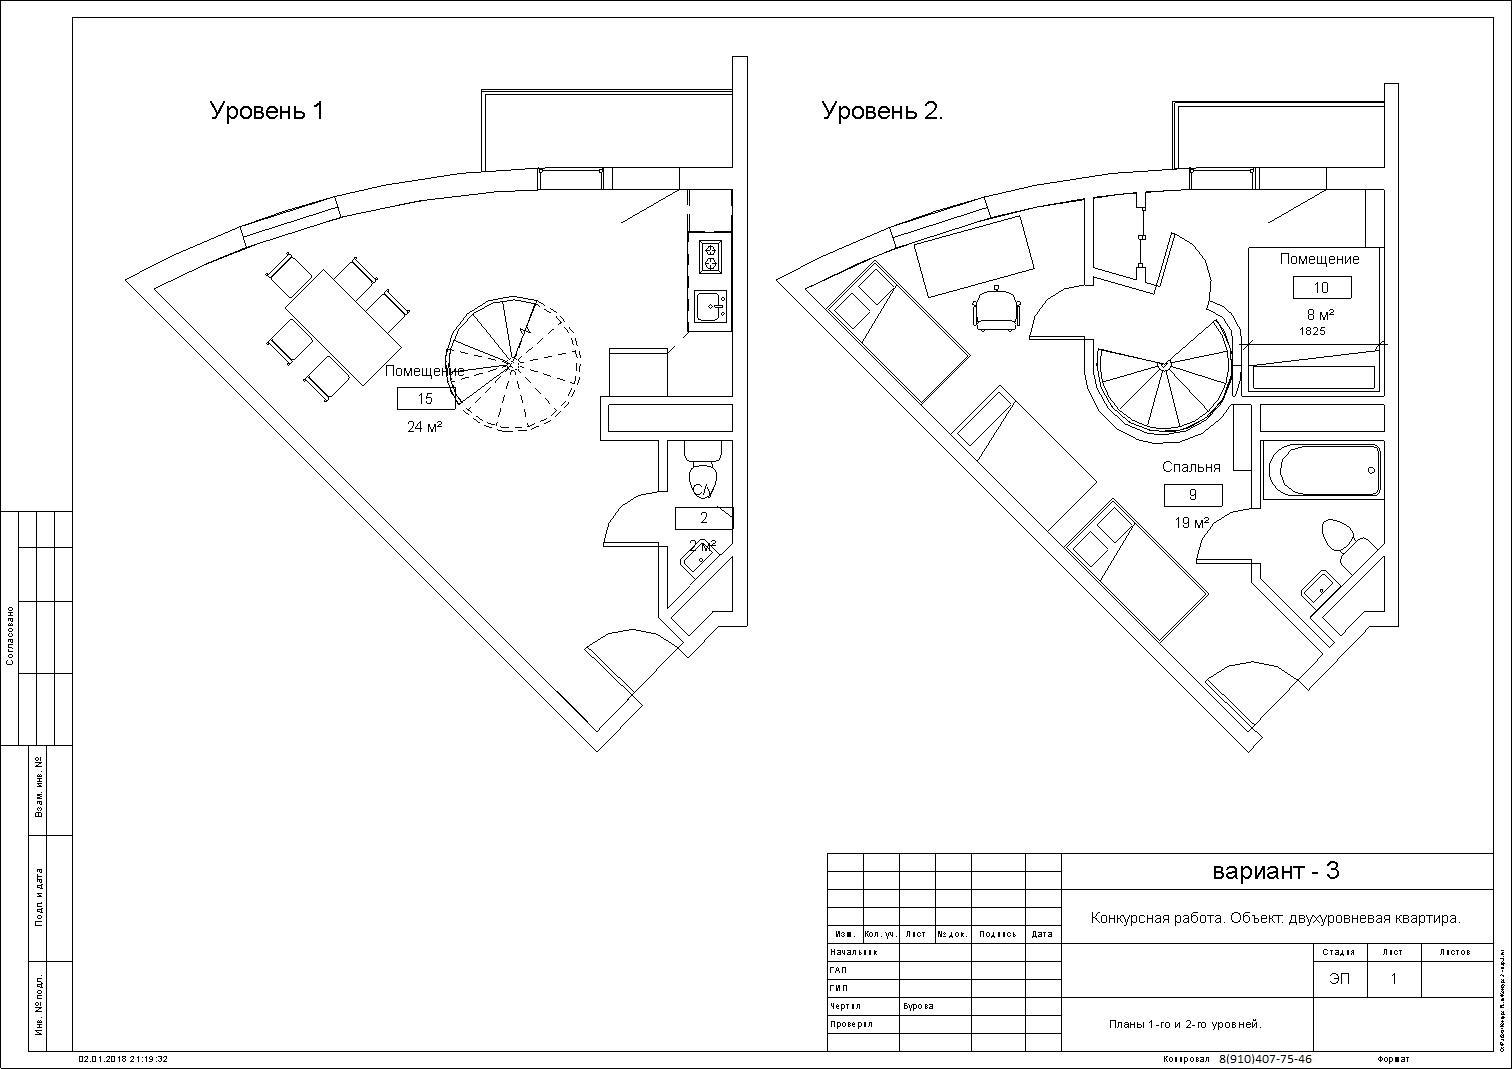 Планировочное решение для 2-уровневой кв.37,5м фото f_5575a4bce206b072.jpg